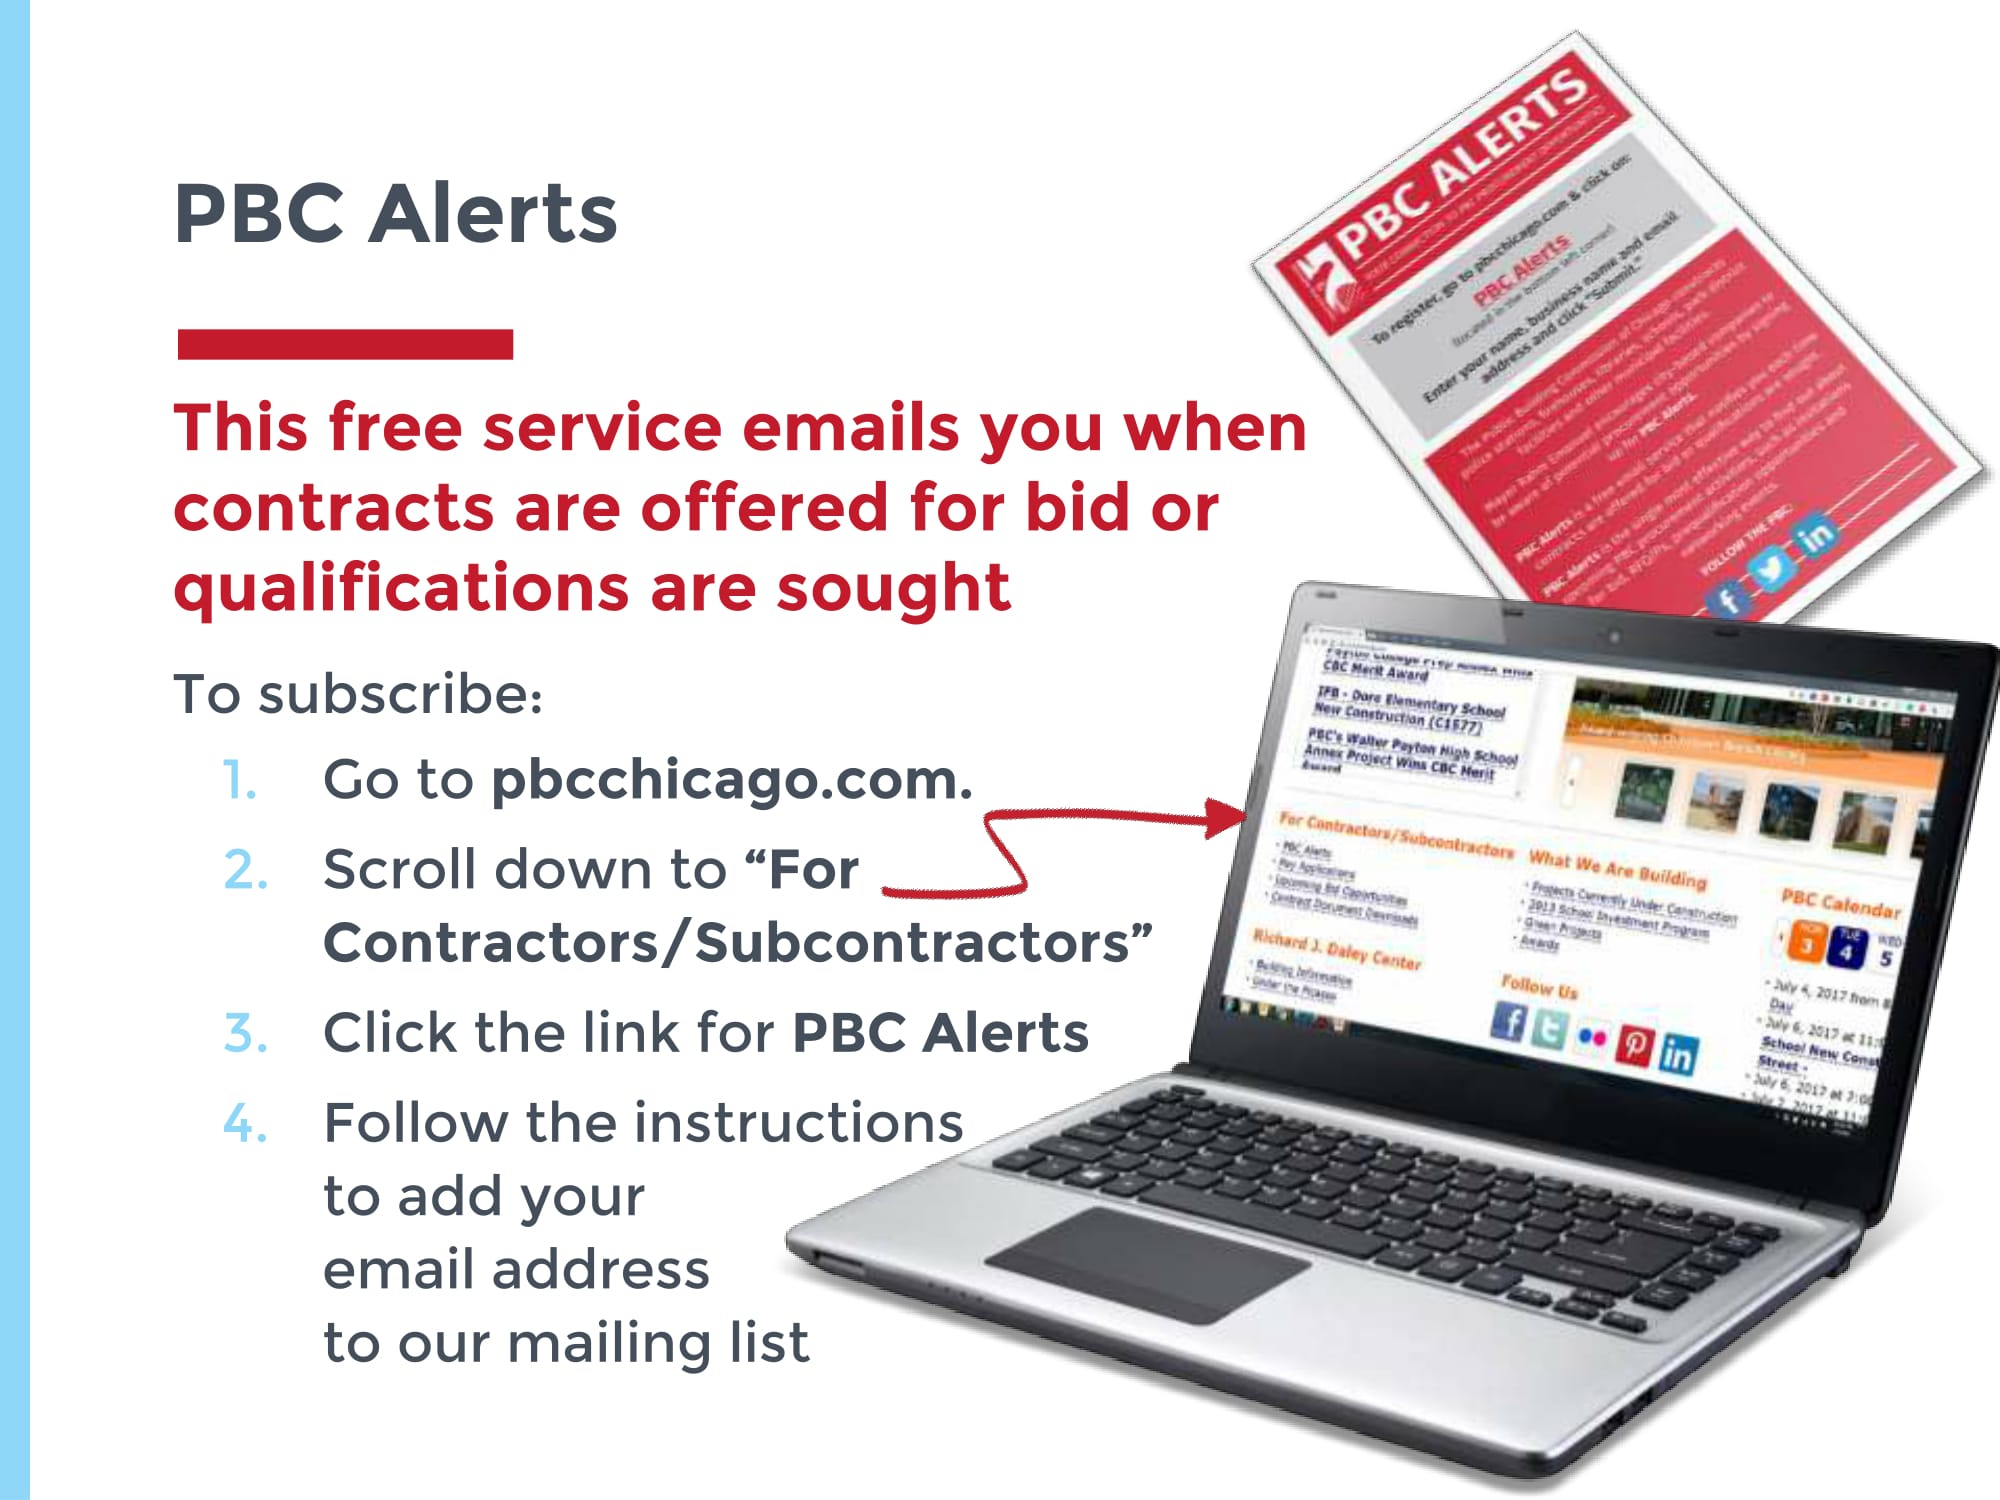 pptpbcajmpbc-best-practices20171026-171104030409-19.jpg